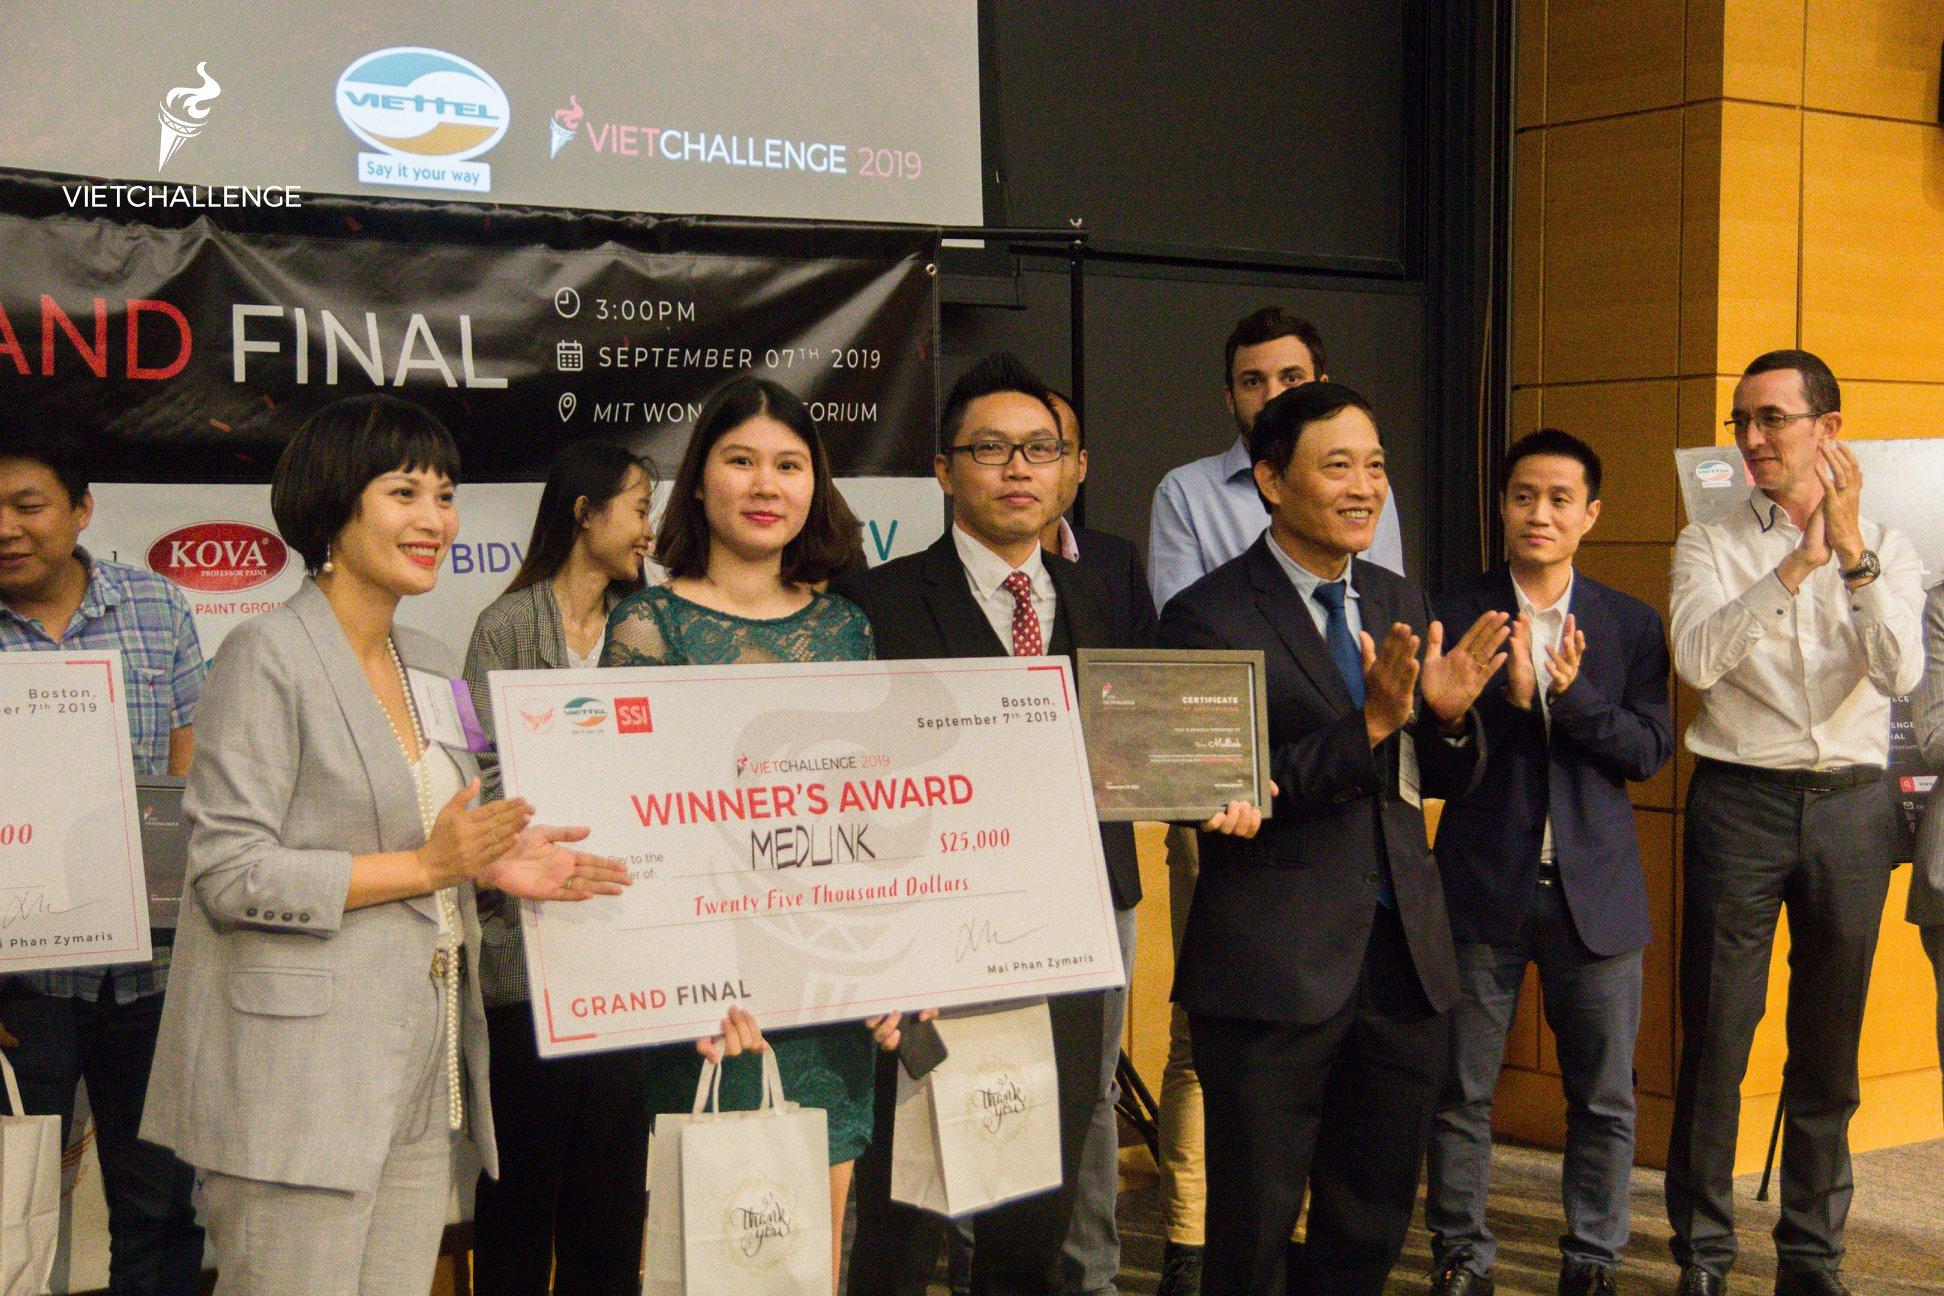 Medlink nhận giải Nhất Vietchallenge. Ảnh: BTC cung cấp